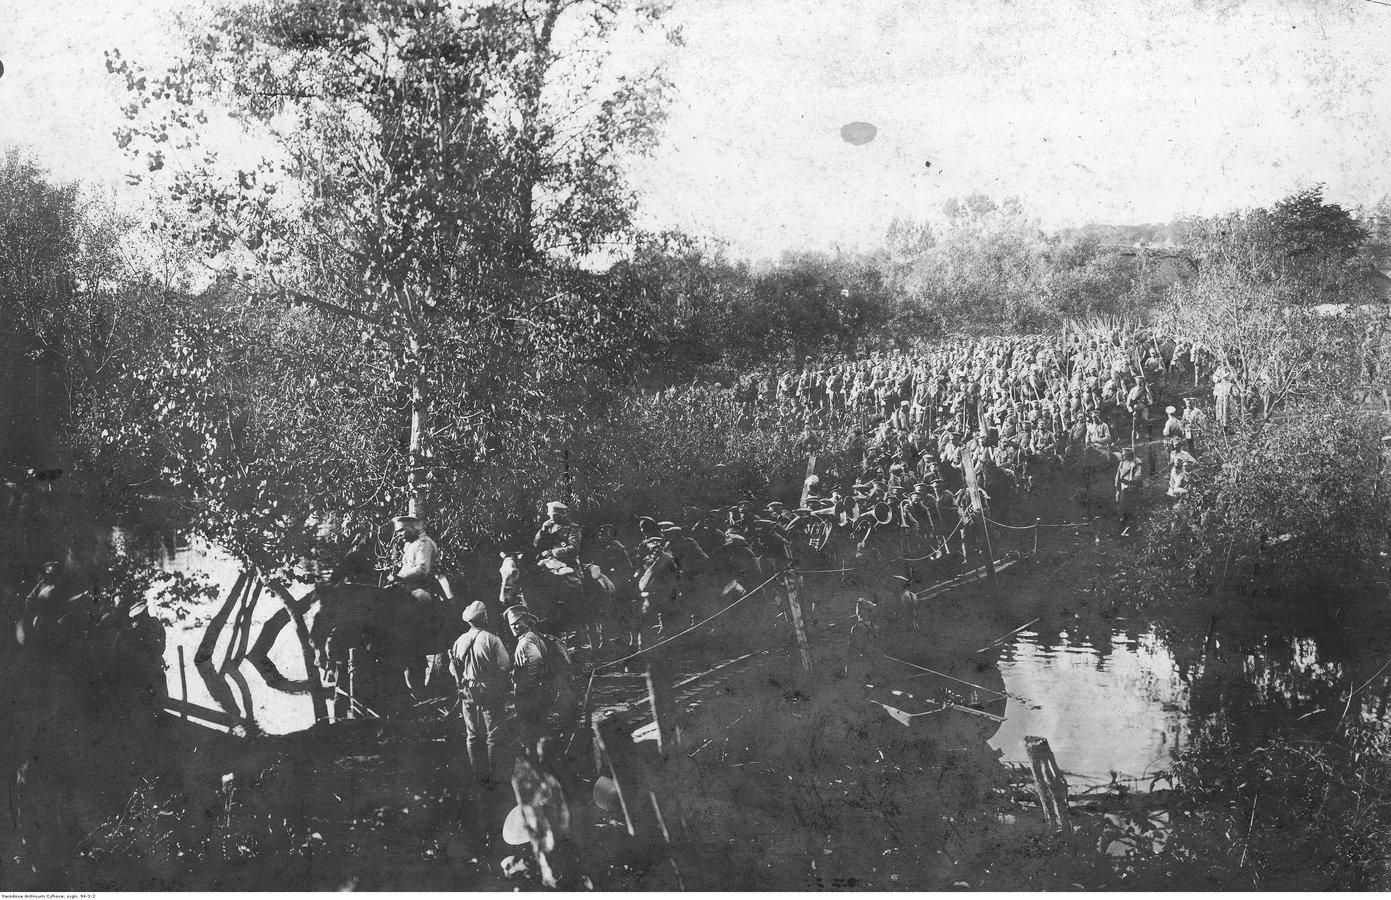 Rosyjski 12 Korpus Armijny przekracza granicę z Austro-Węgrami na rzece Zbrucz w Tarnorudzie1914-08-21.jpg